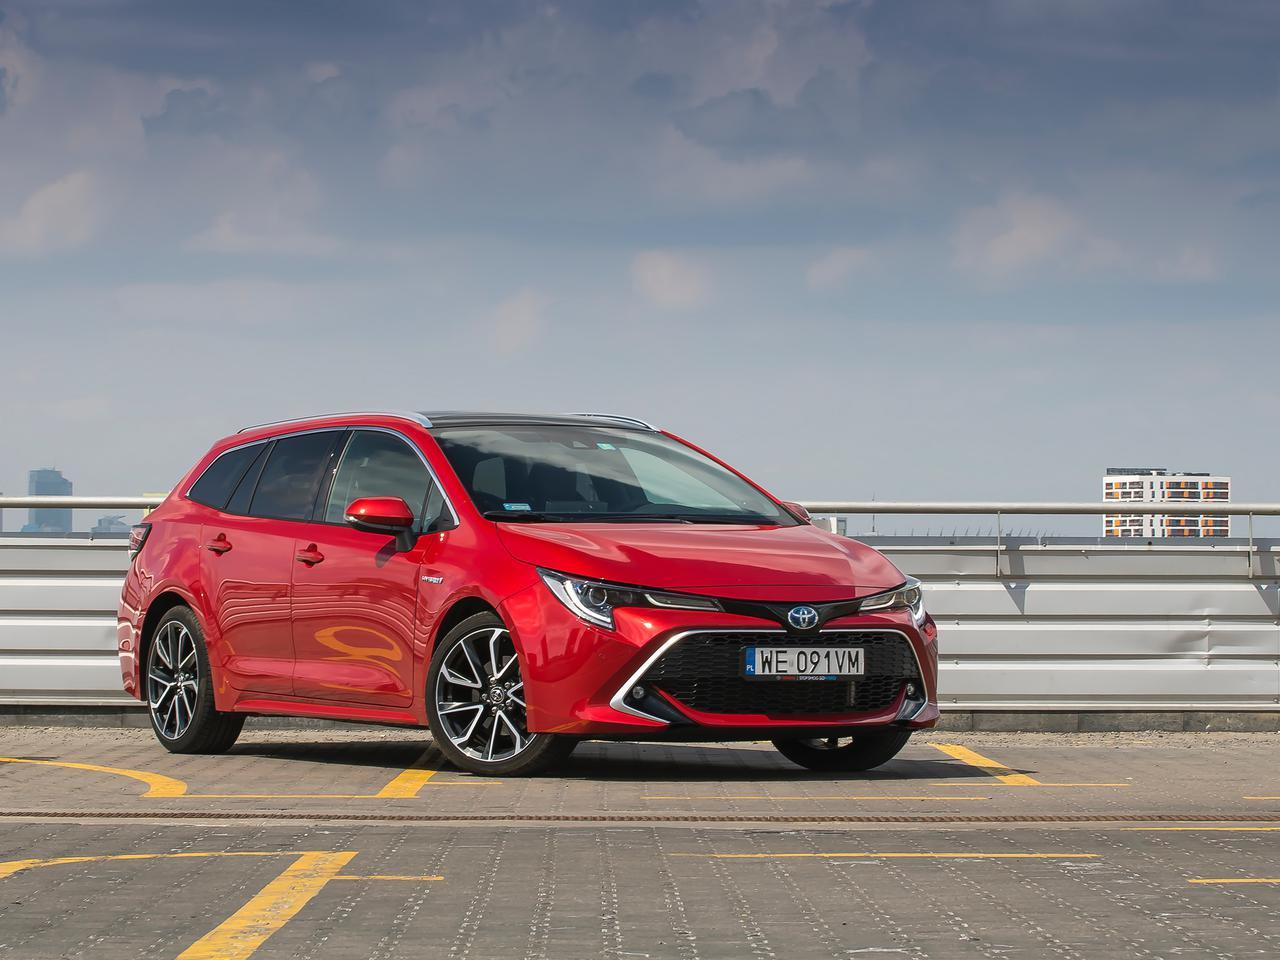 Nowa Toyota Corolla Ts Hybrid 2019 Najwieksze Wady I Zalety Test Opinia Super Express Wiadomosci Polityka Sport